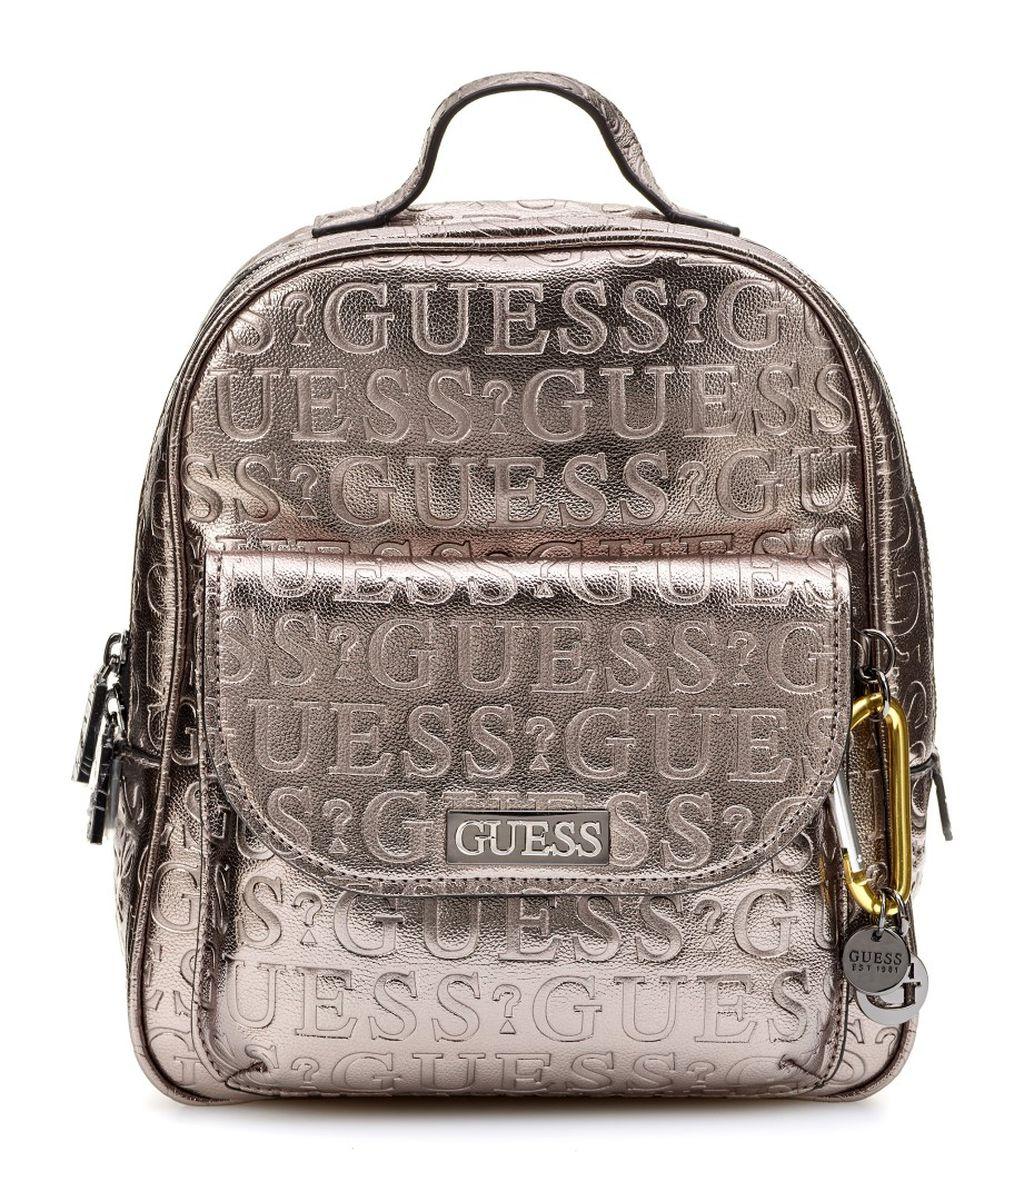 Guess ruksak, 1099 kuna